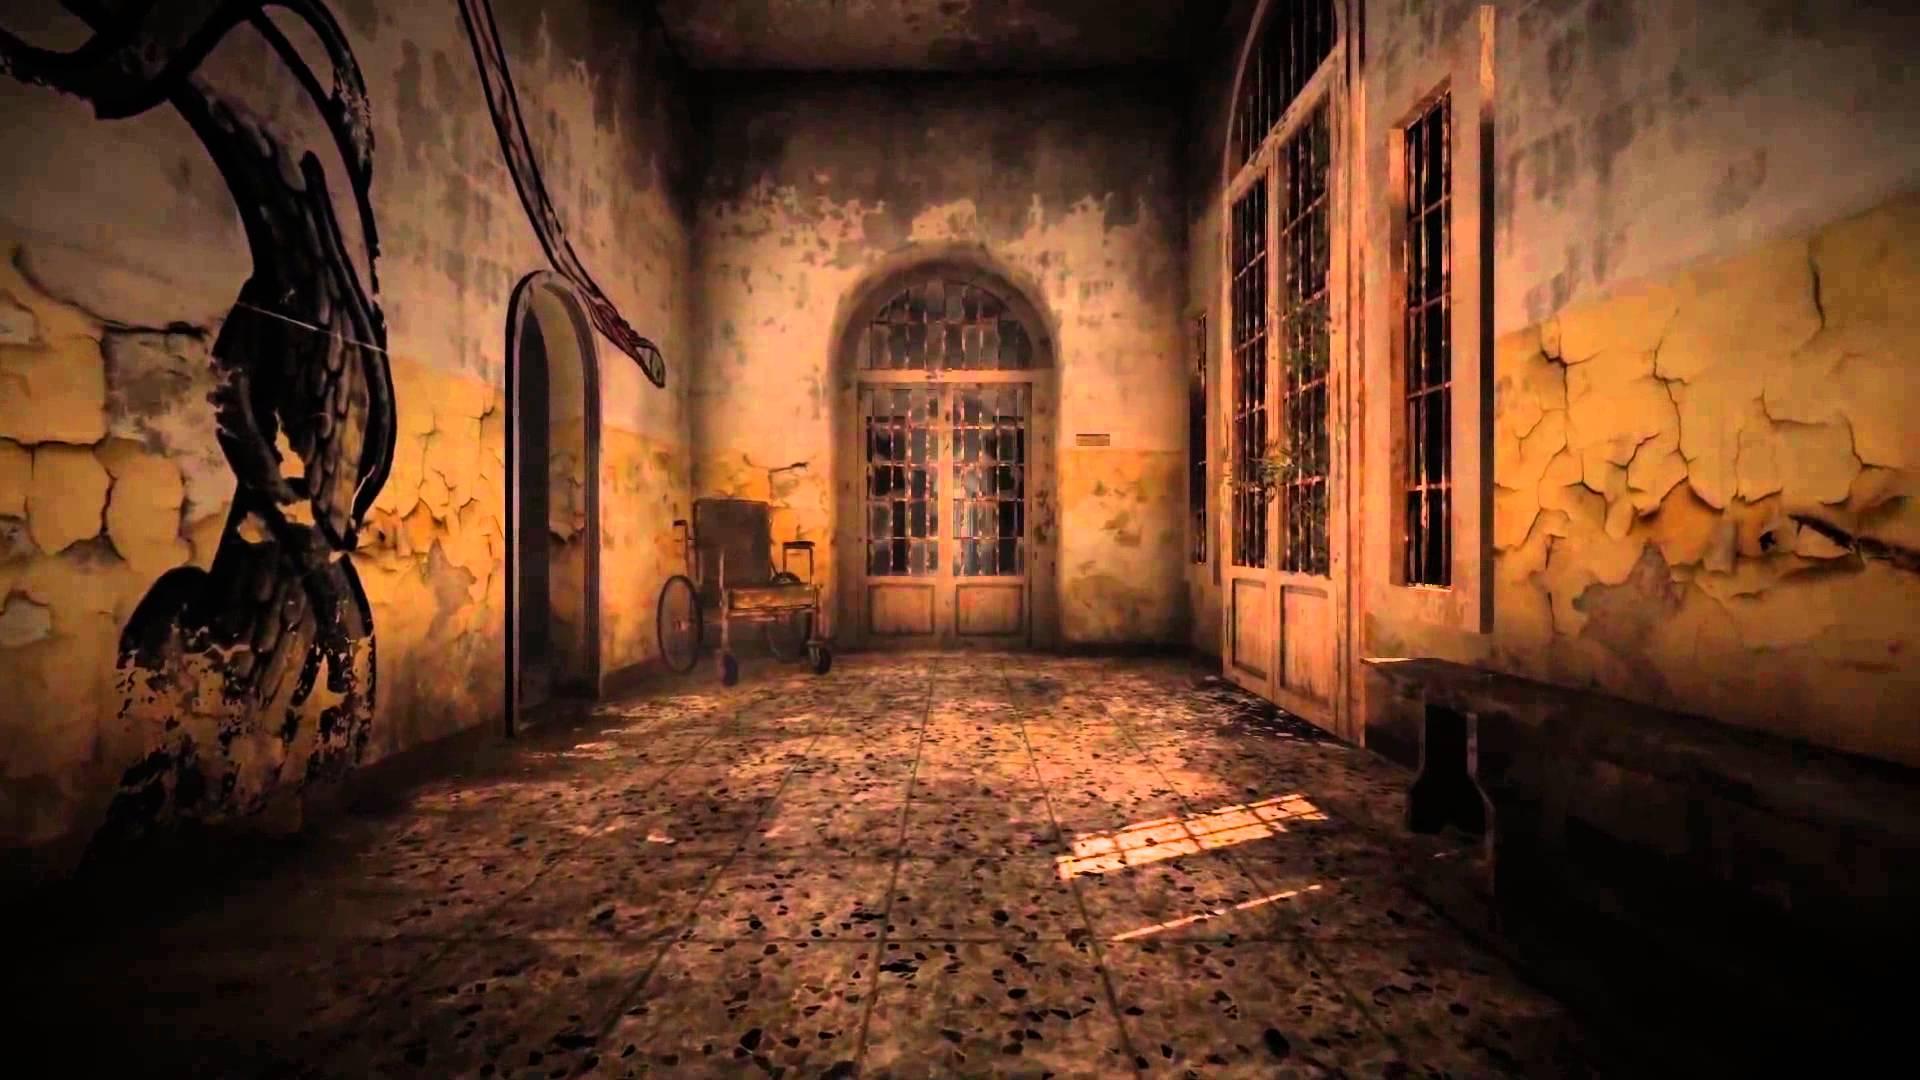 Uno dei corridoi del manicomio di Volterra, adesso fatiscente, teatro dei racconti di The Town of Light